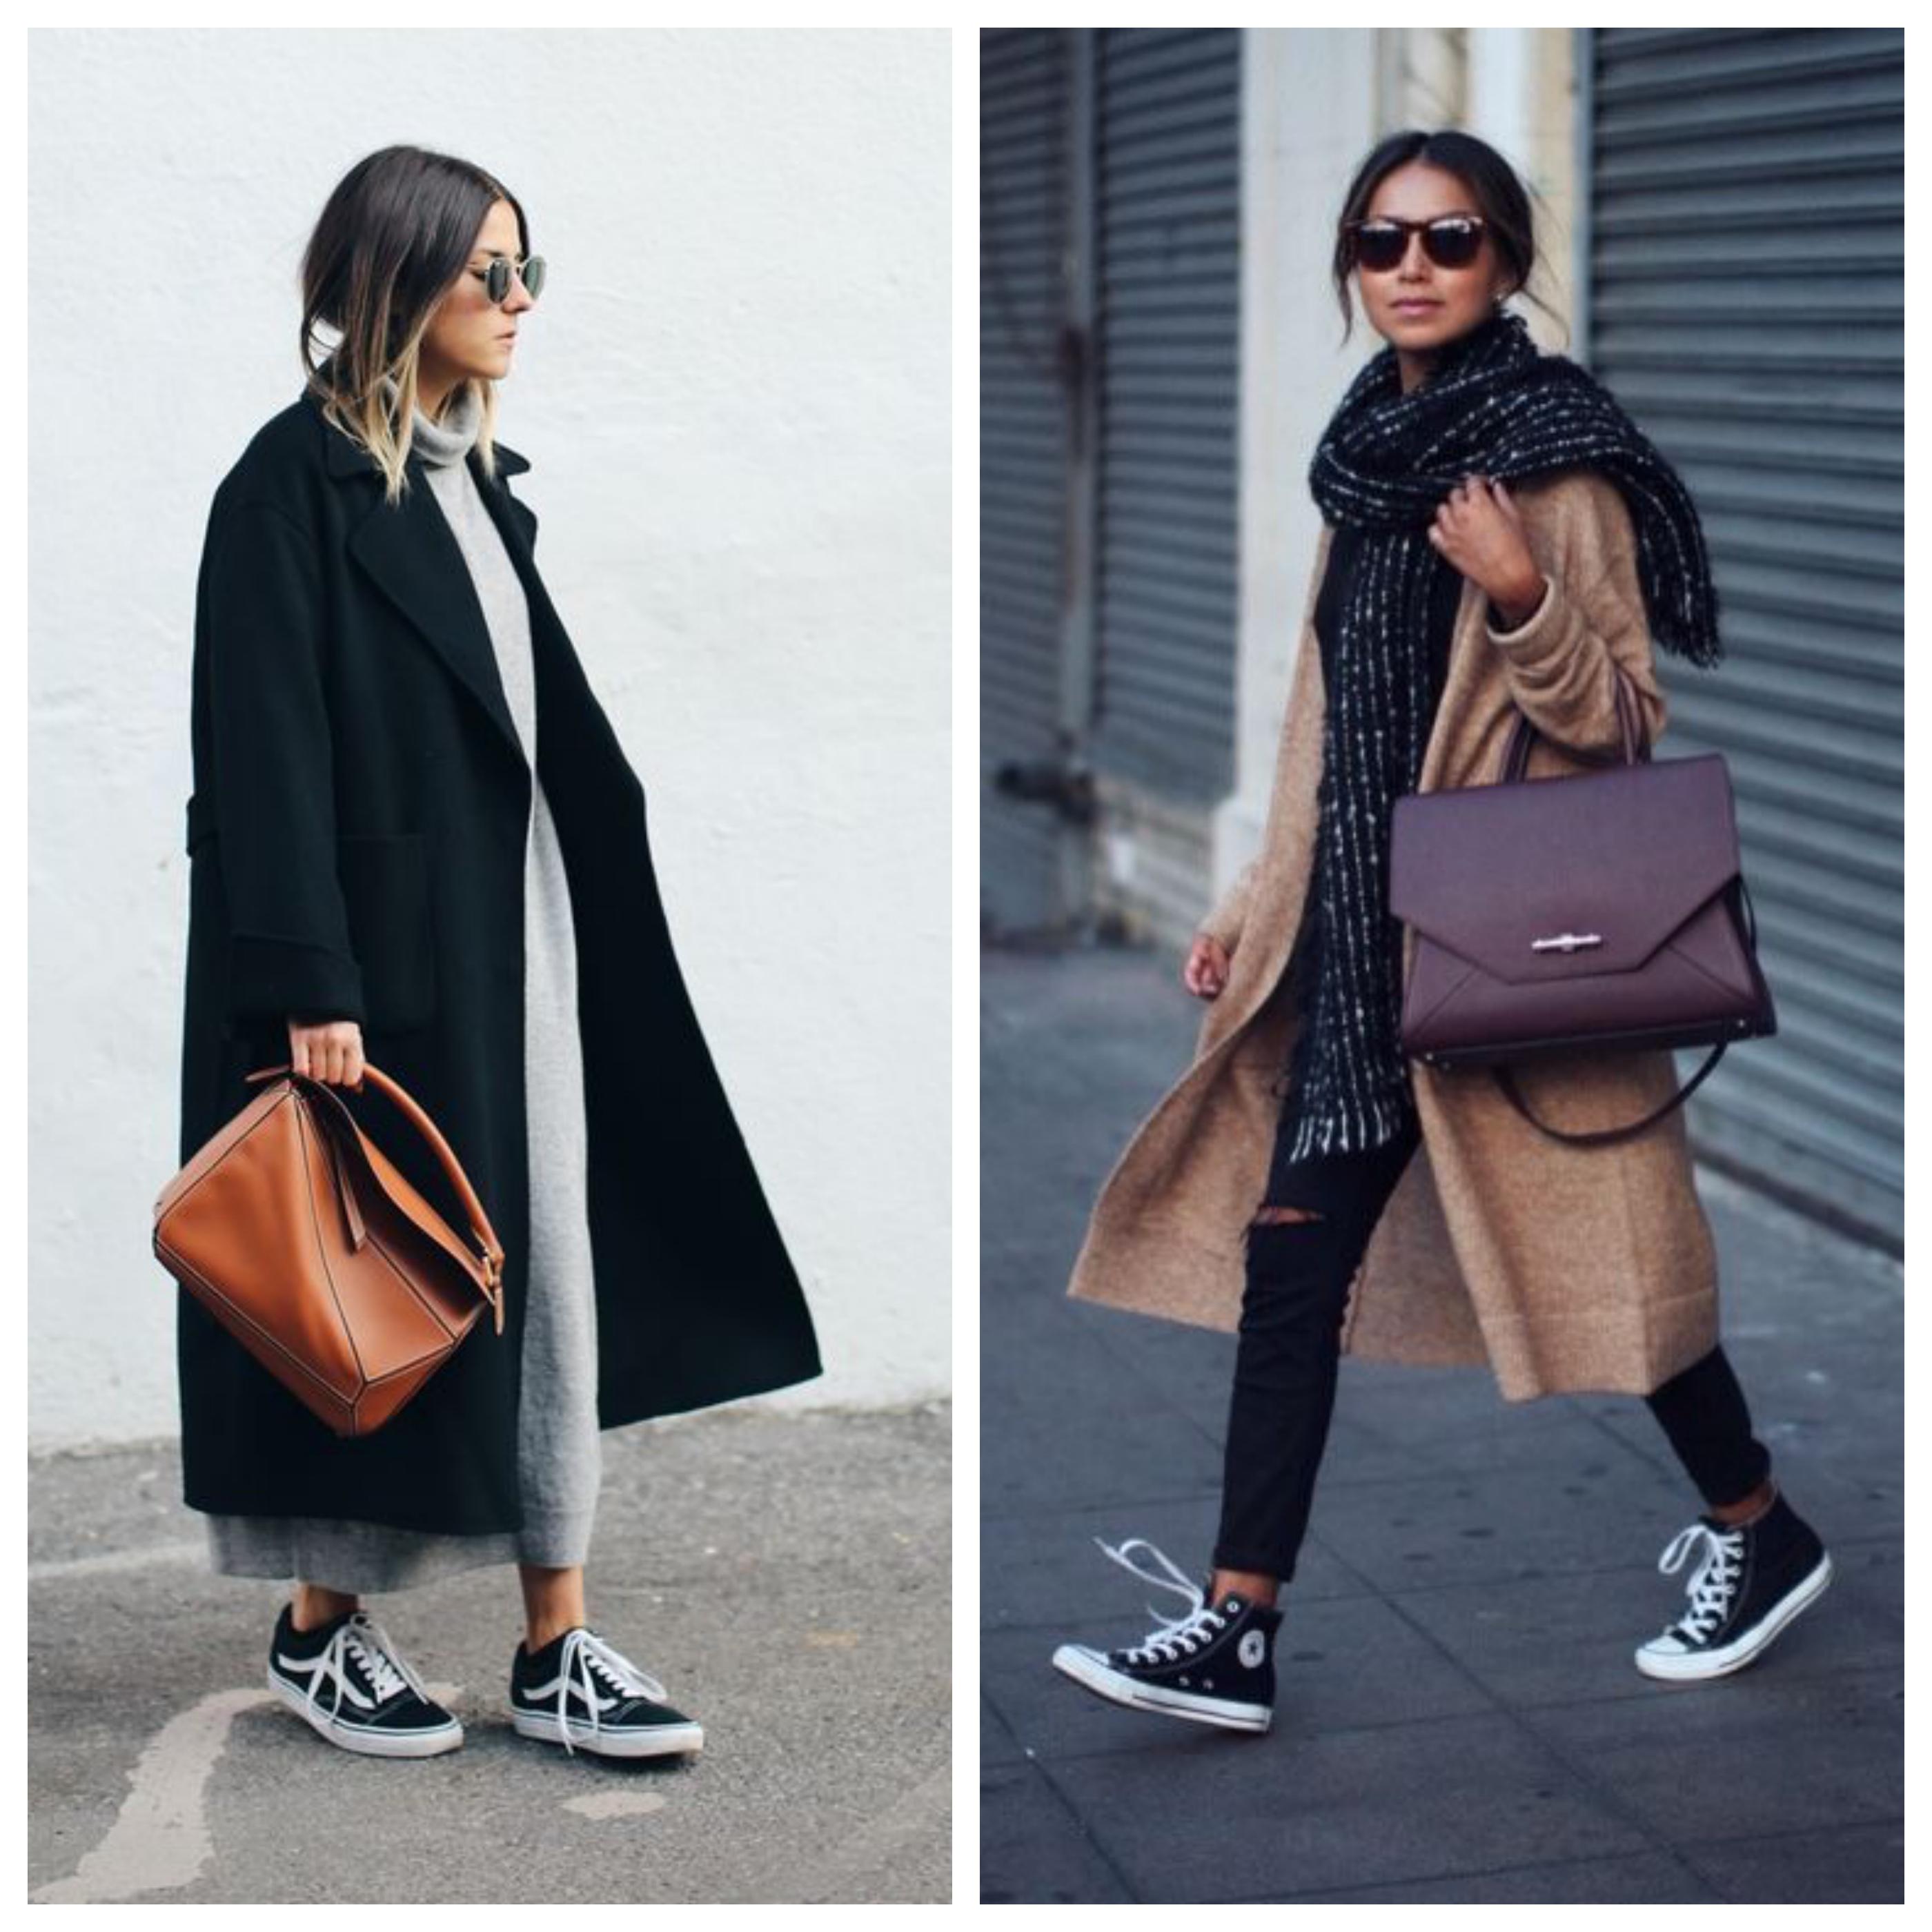 Сумка под пальто с кроссовками